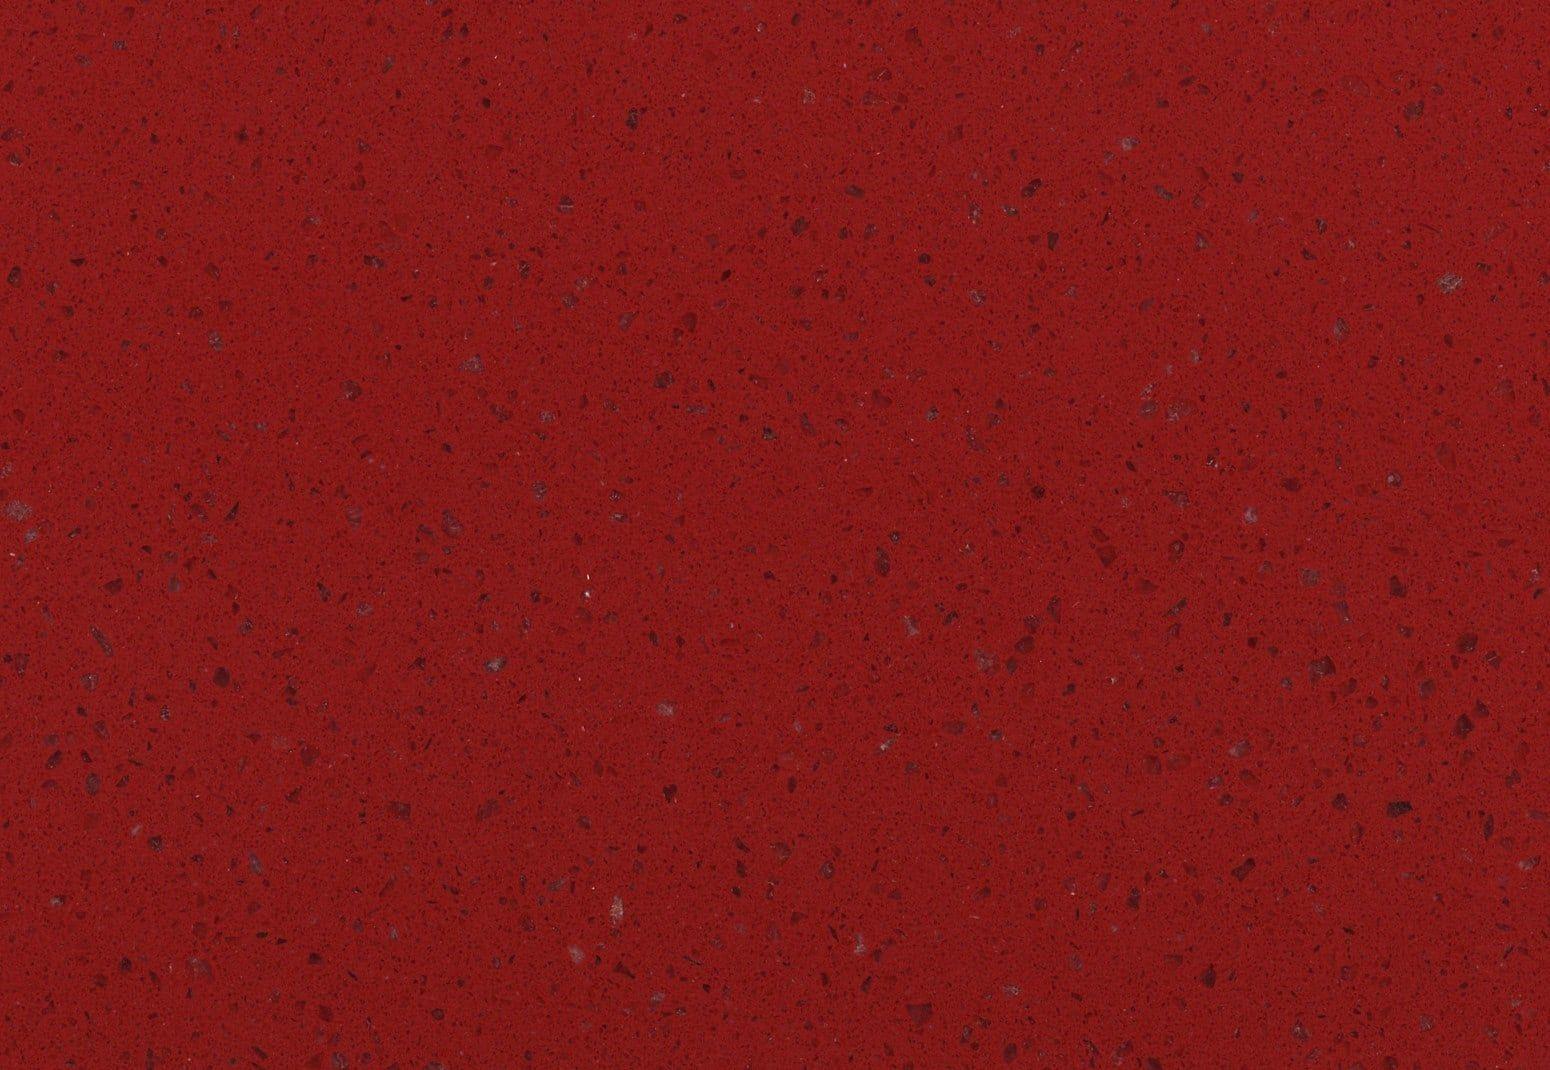 Cardigan Red Detail Cambria Quartz Natural Quartz Countertop Cambria